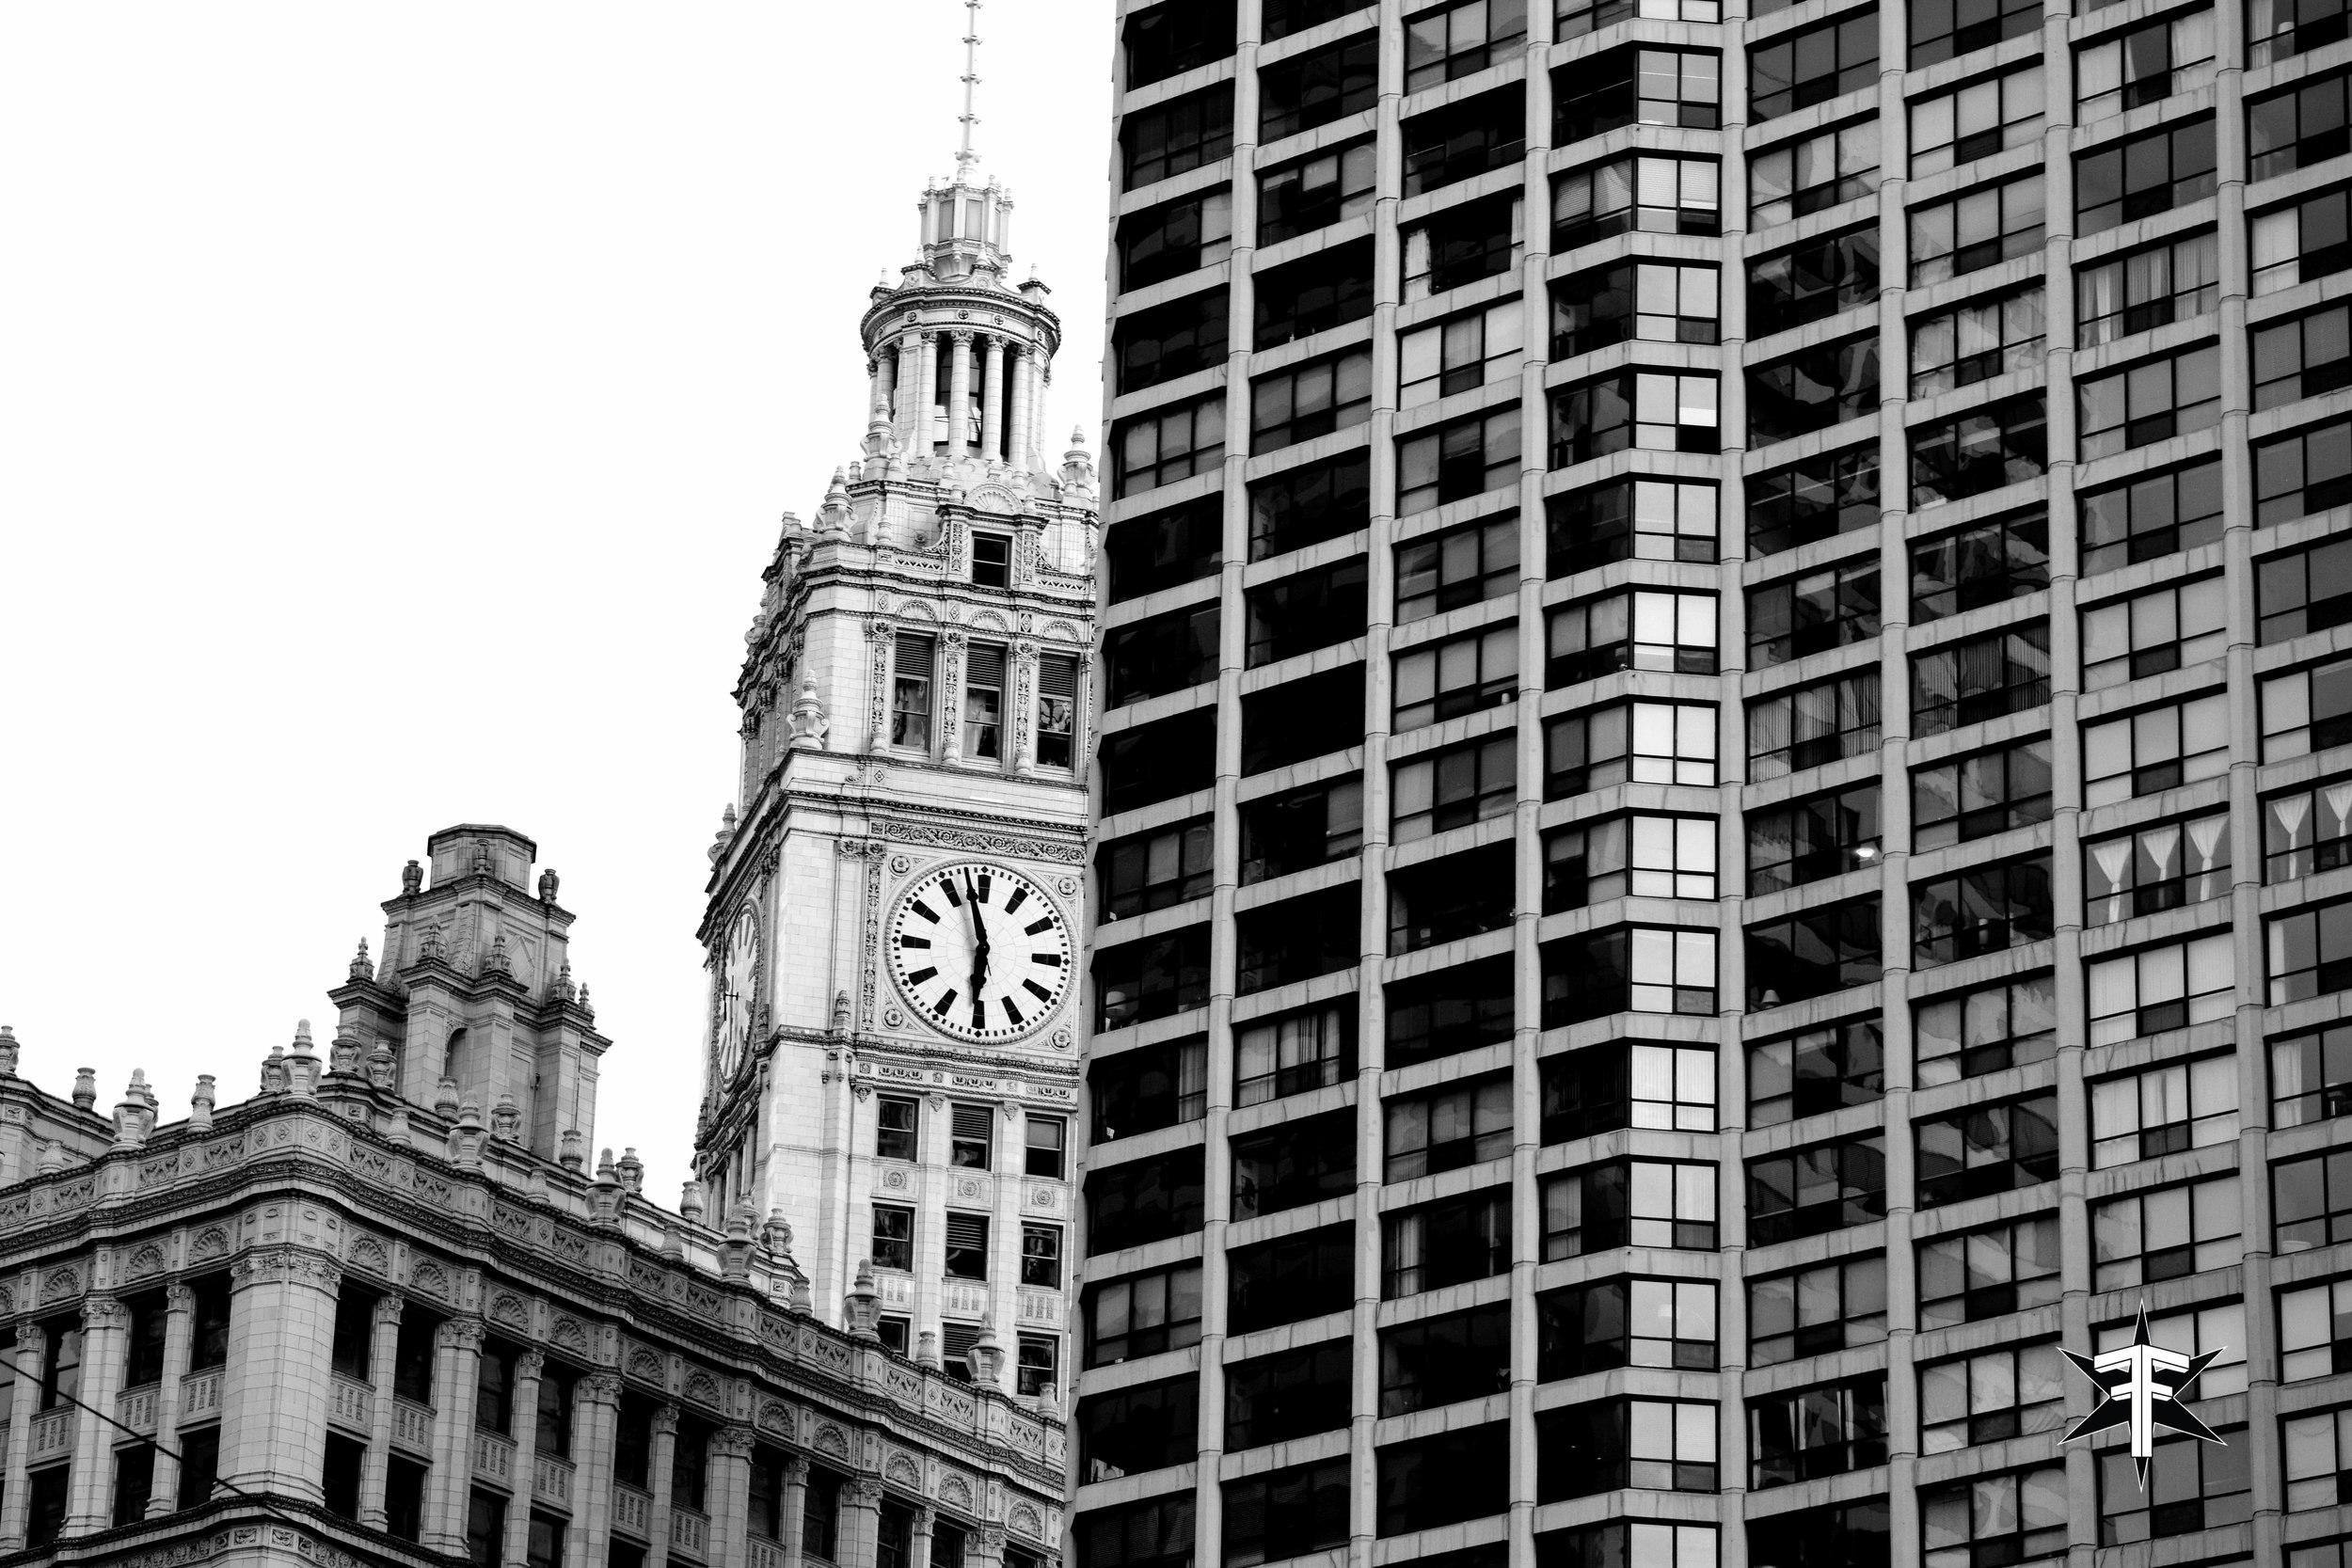 chicago architecture eric formato photography design arquitectura architettura buildings skyscraper skyscrapers-143.jpg